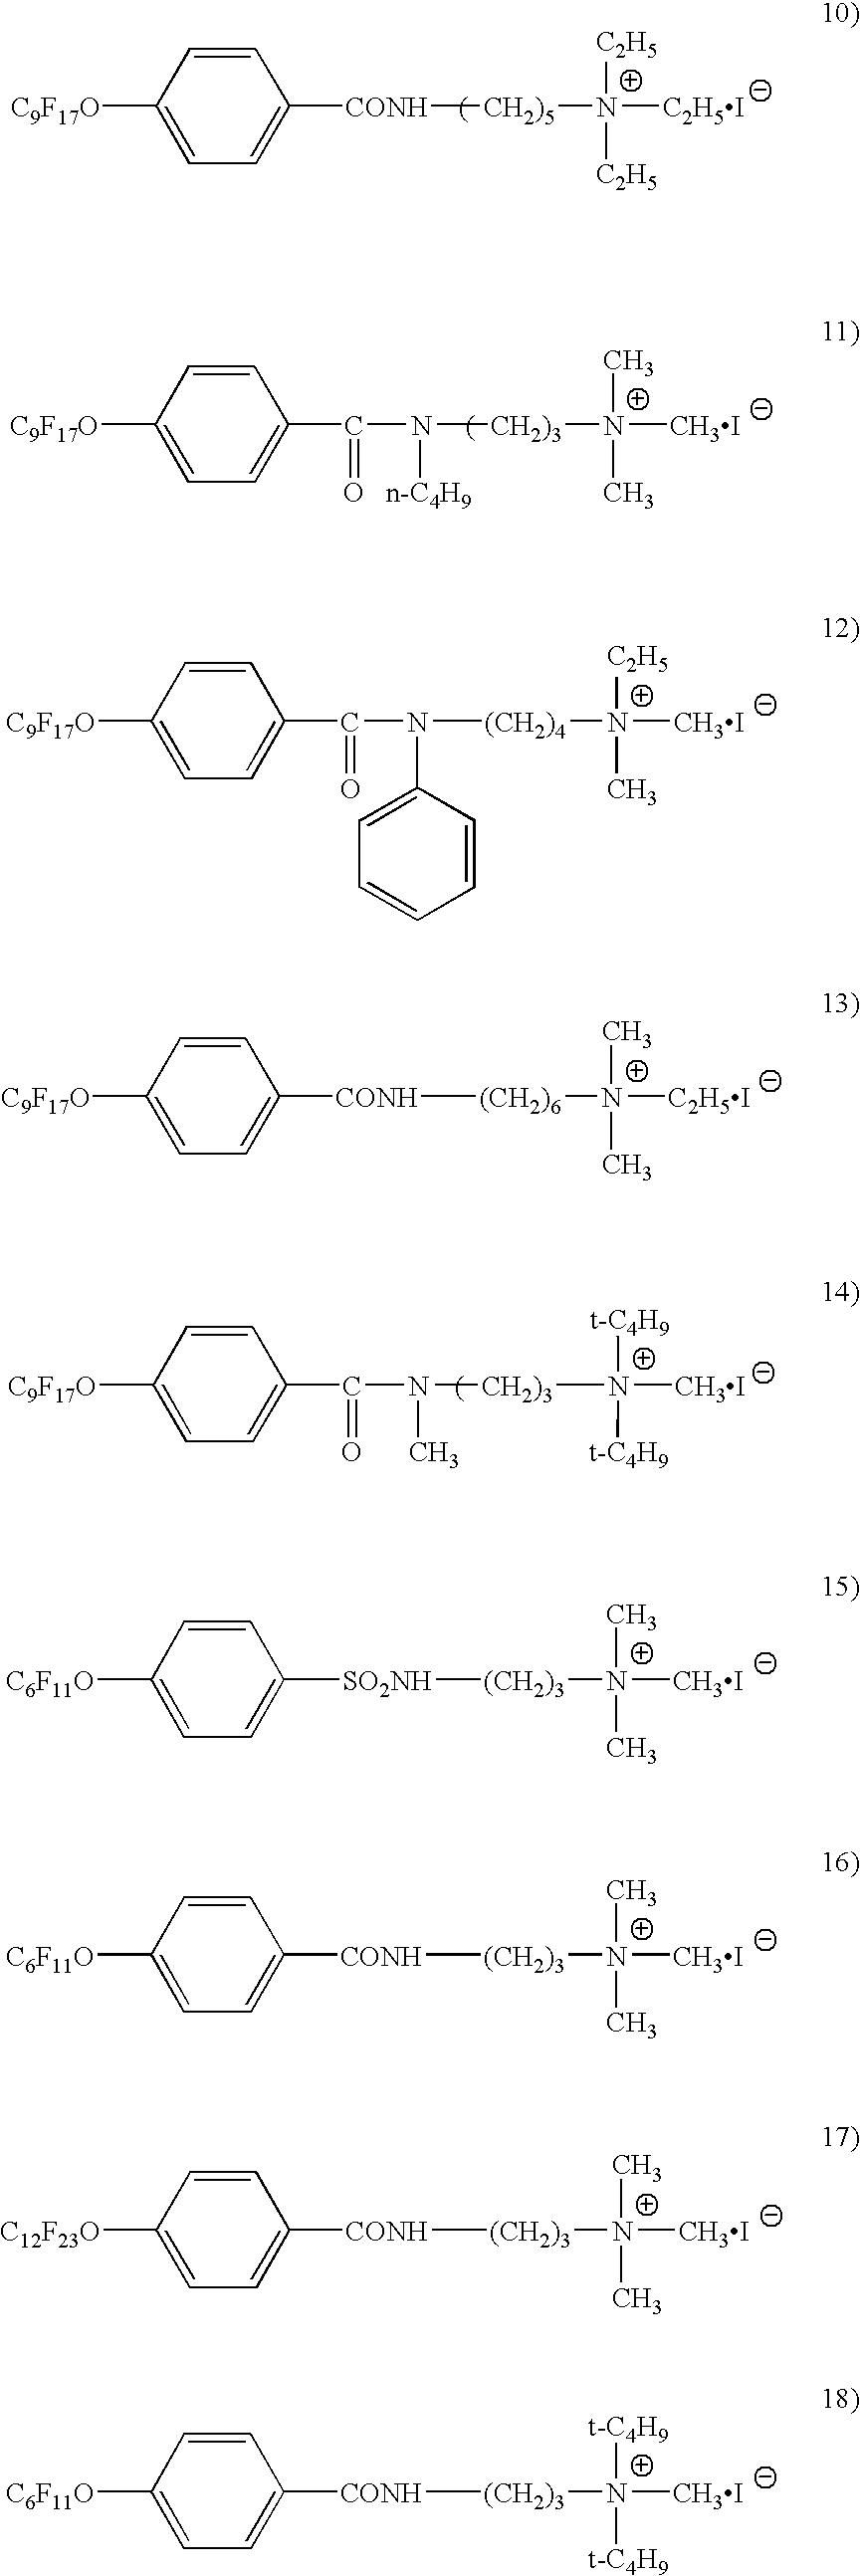 Figure US20050003288A1-20050106-C00004